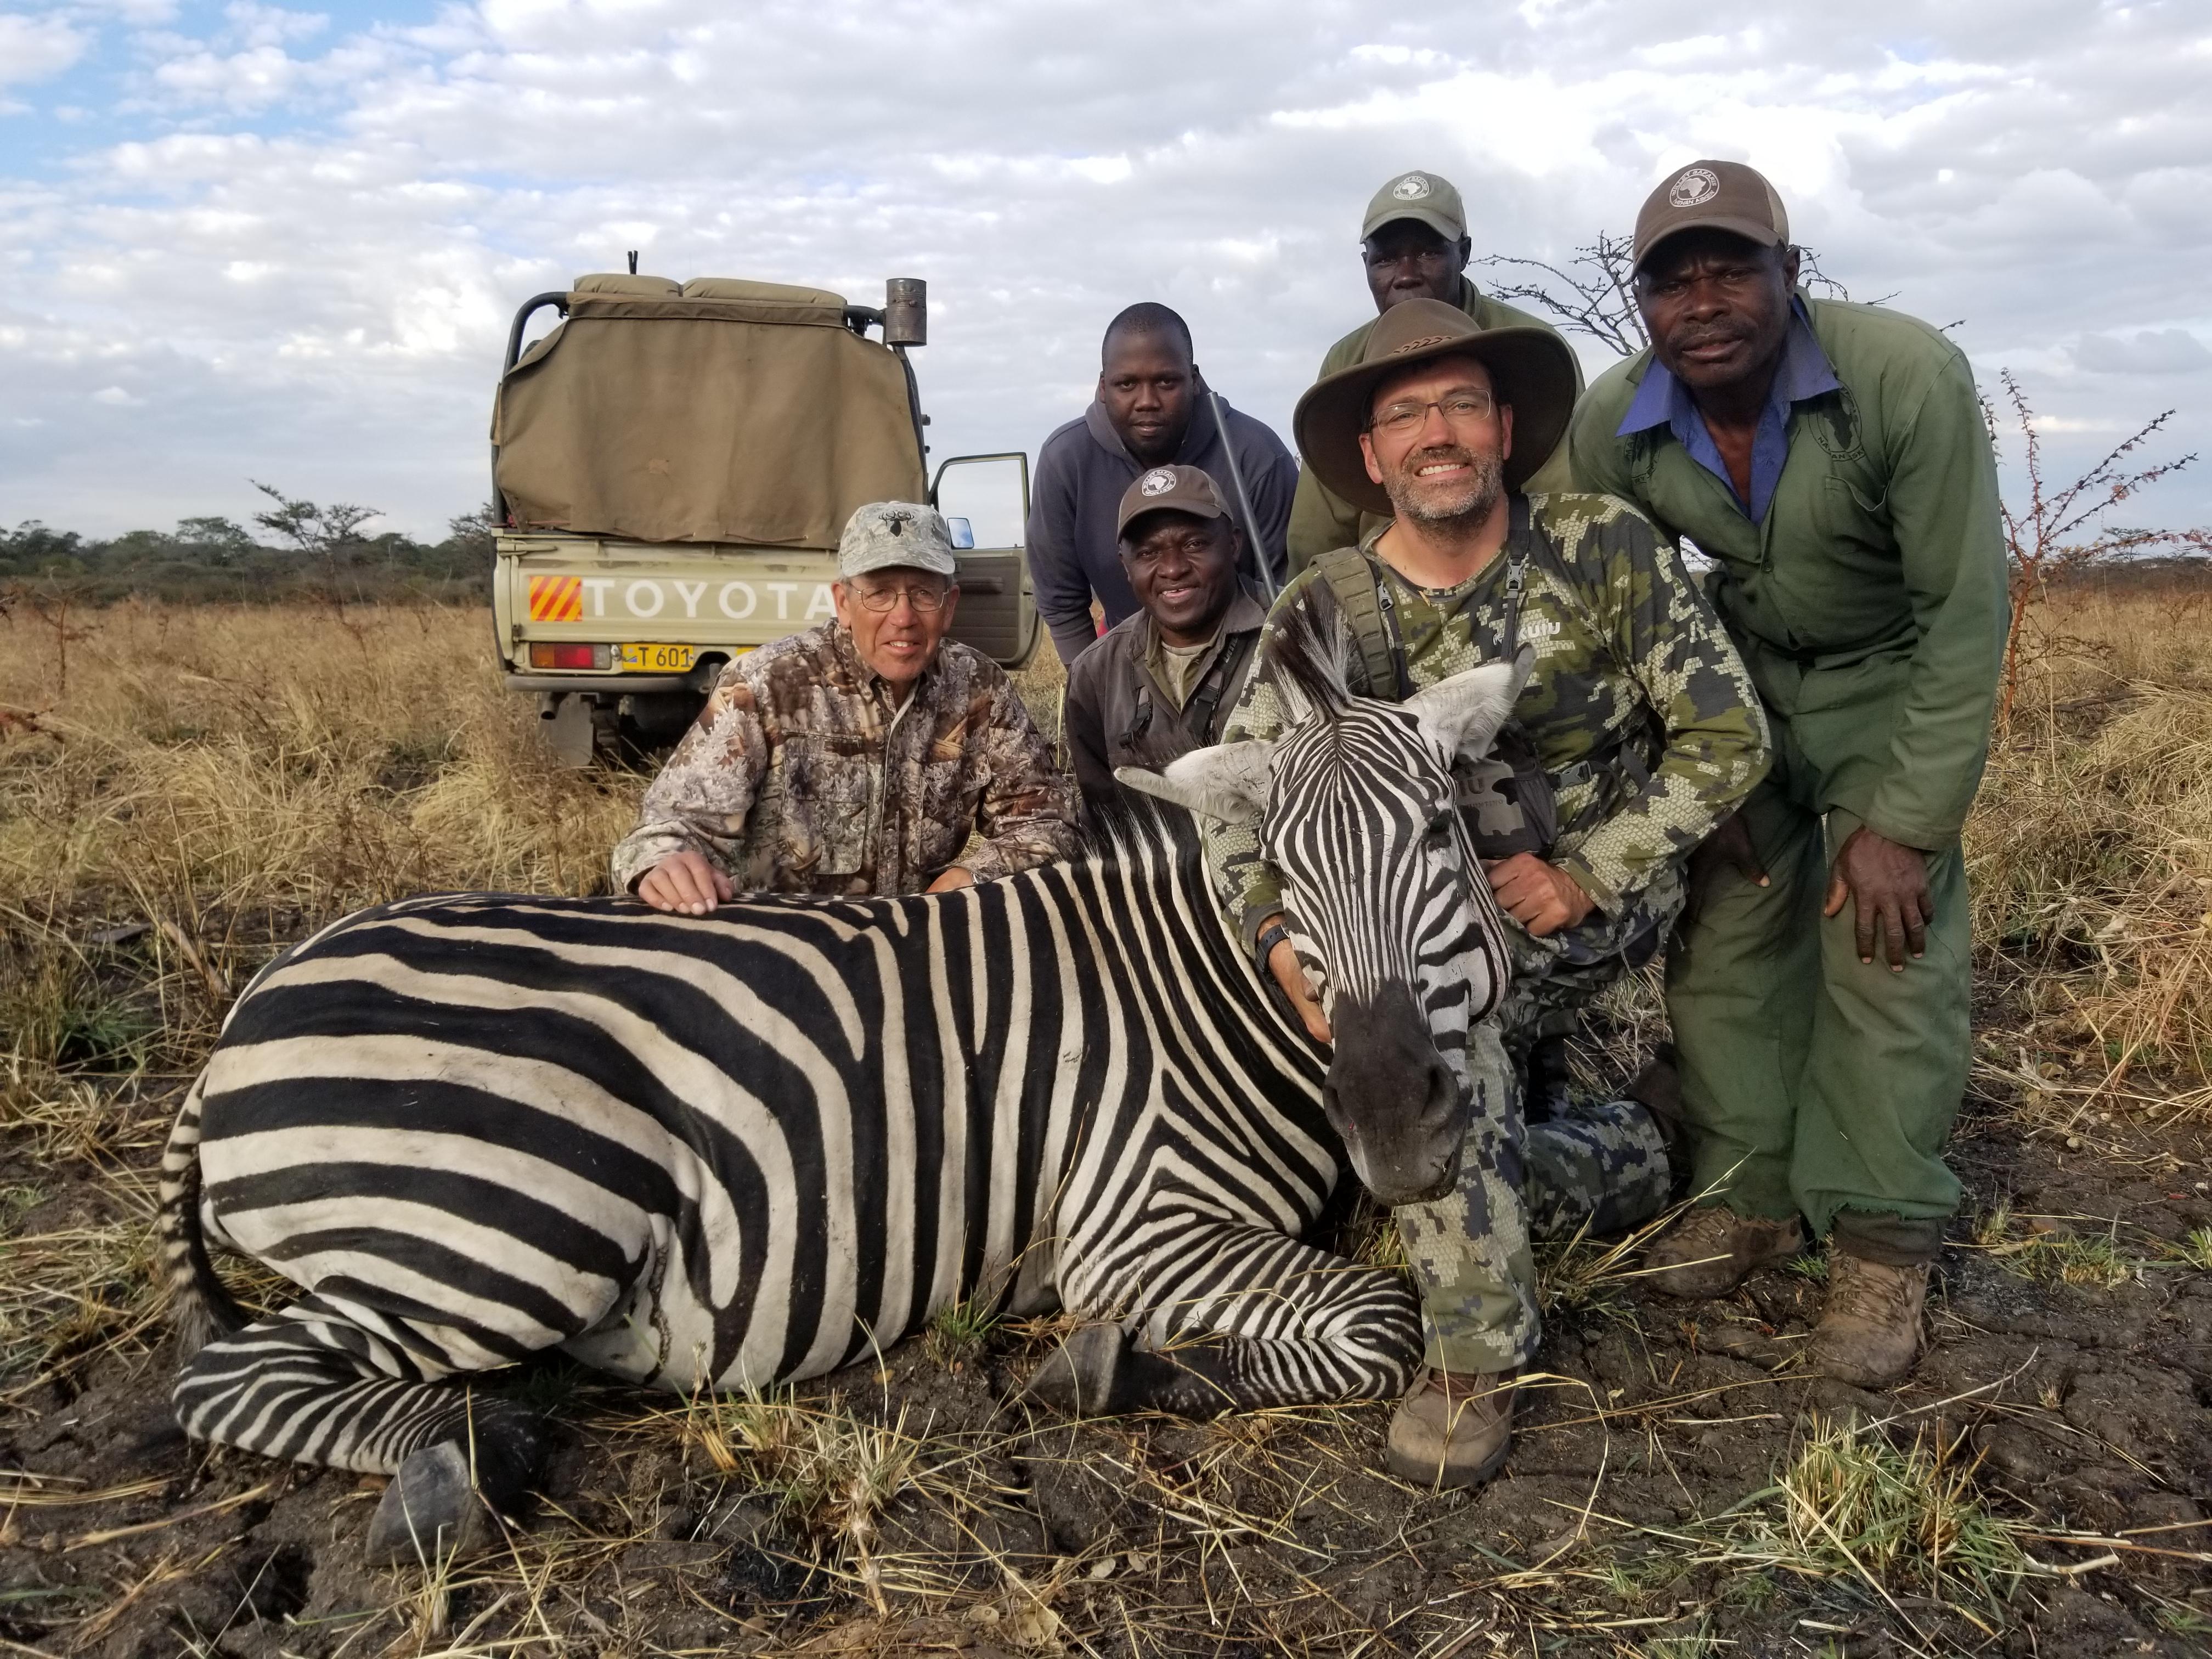 Zebra pic with crew.jpg